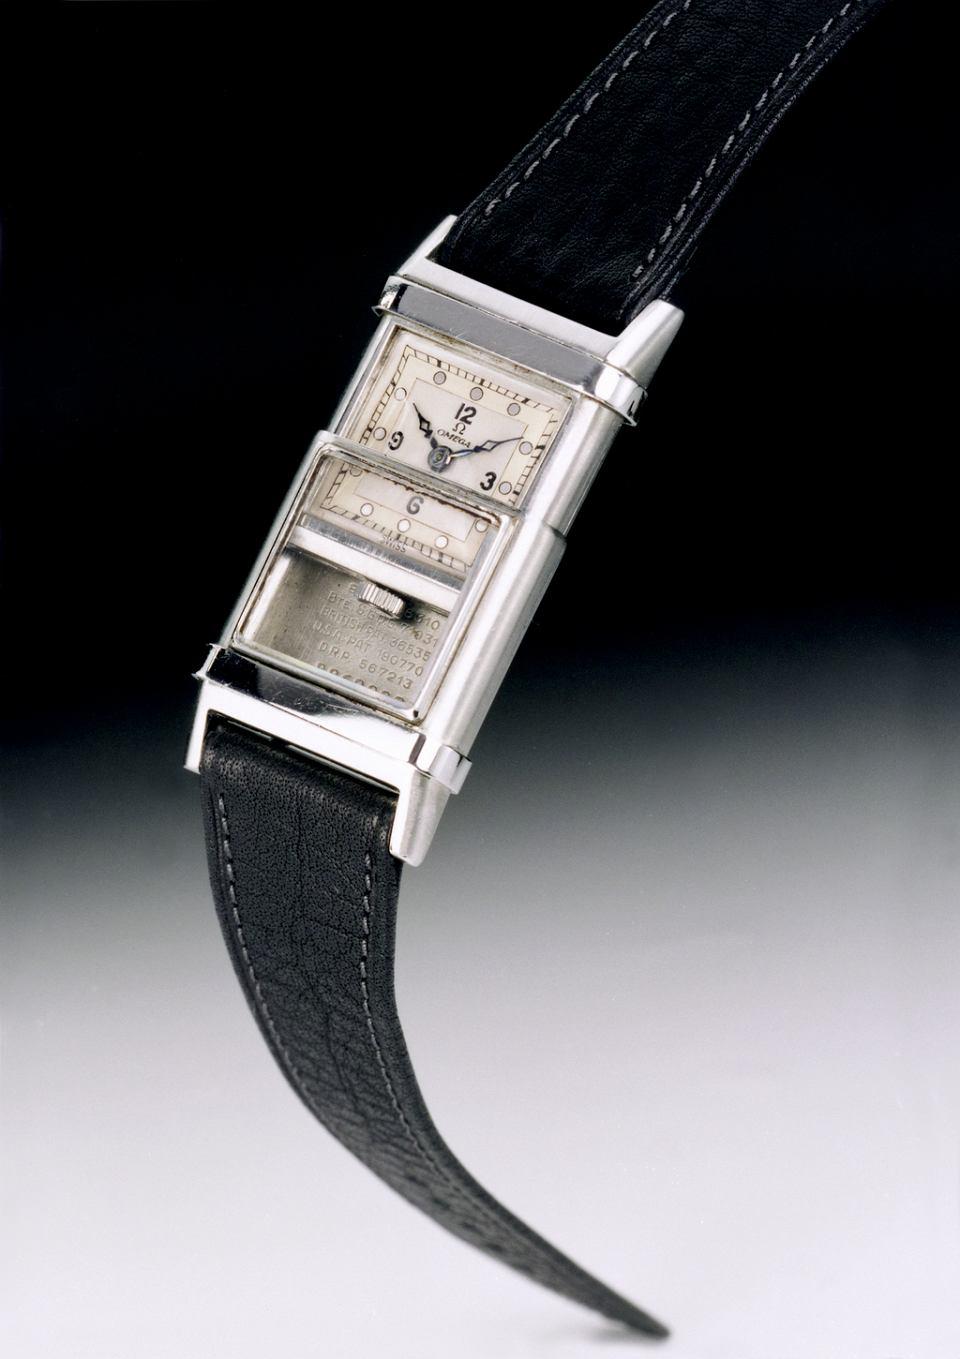 Zegarek Omega Marine, pierwszy zegarek nurkowy na świecie. Wyposażony w charakterystyczną ruchomą podwójną kopertę ze stali szlachetnej Staybrite, która umożliwia wsunięcie wewnętrznej części koperty w zewnętrzną.